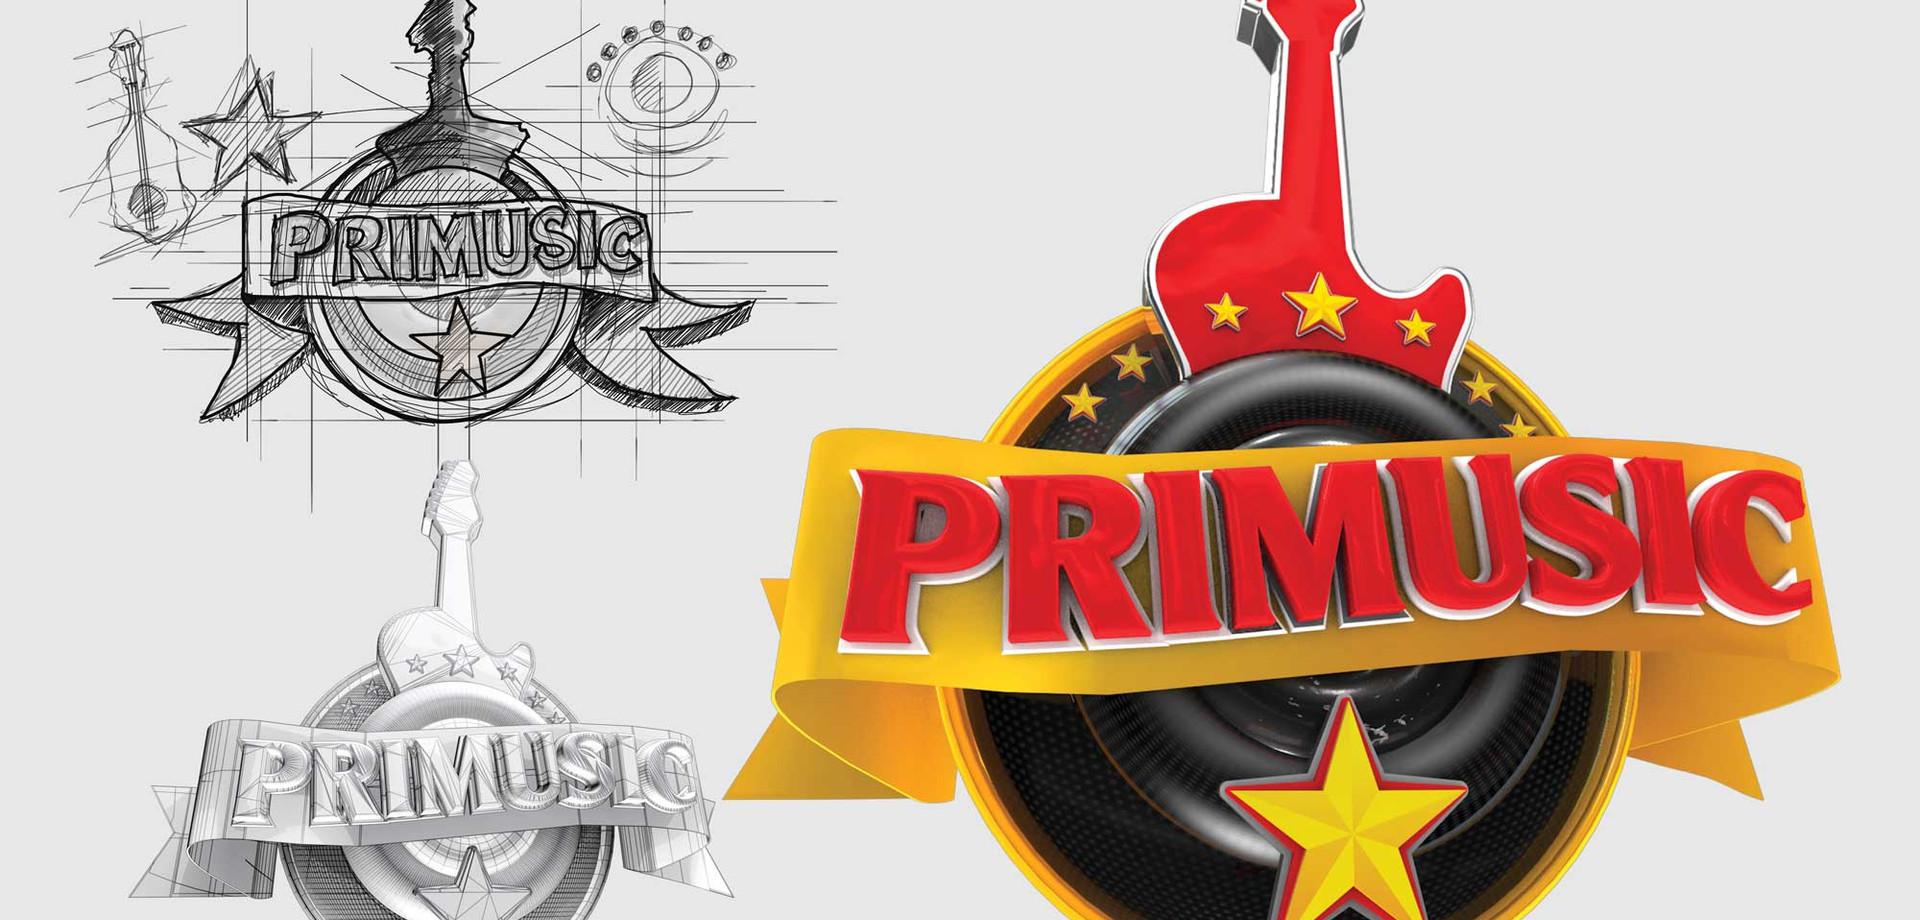 Primusic Icon